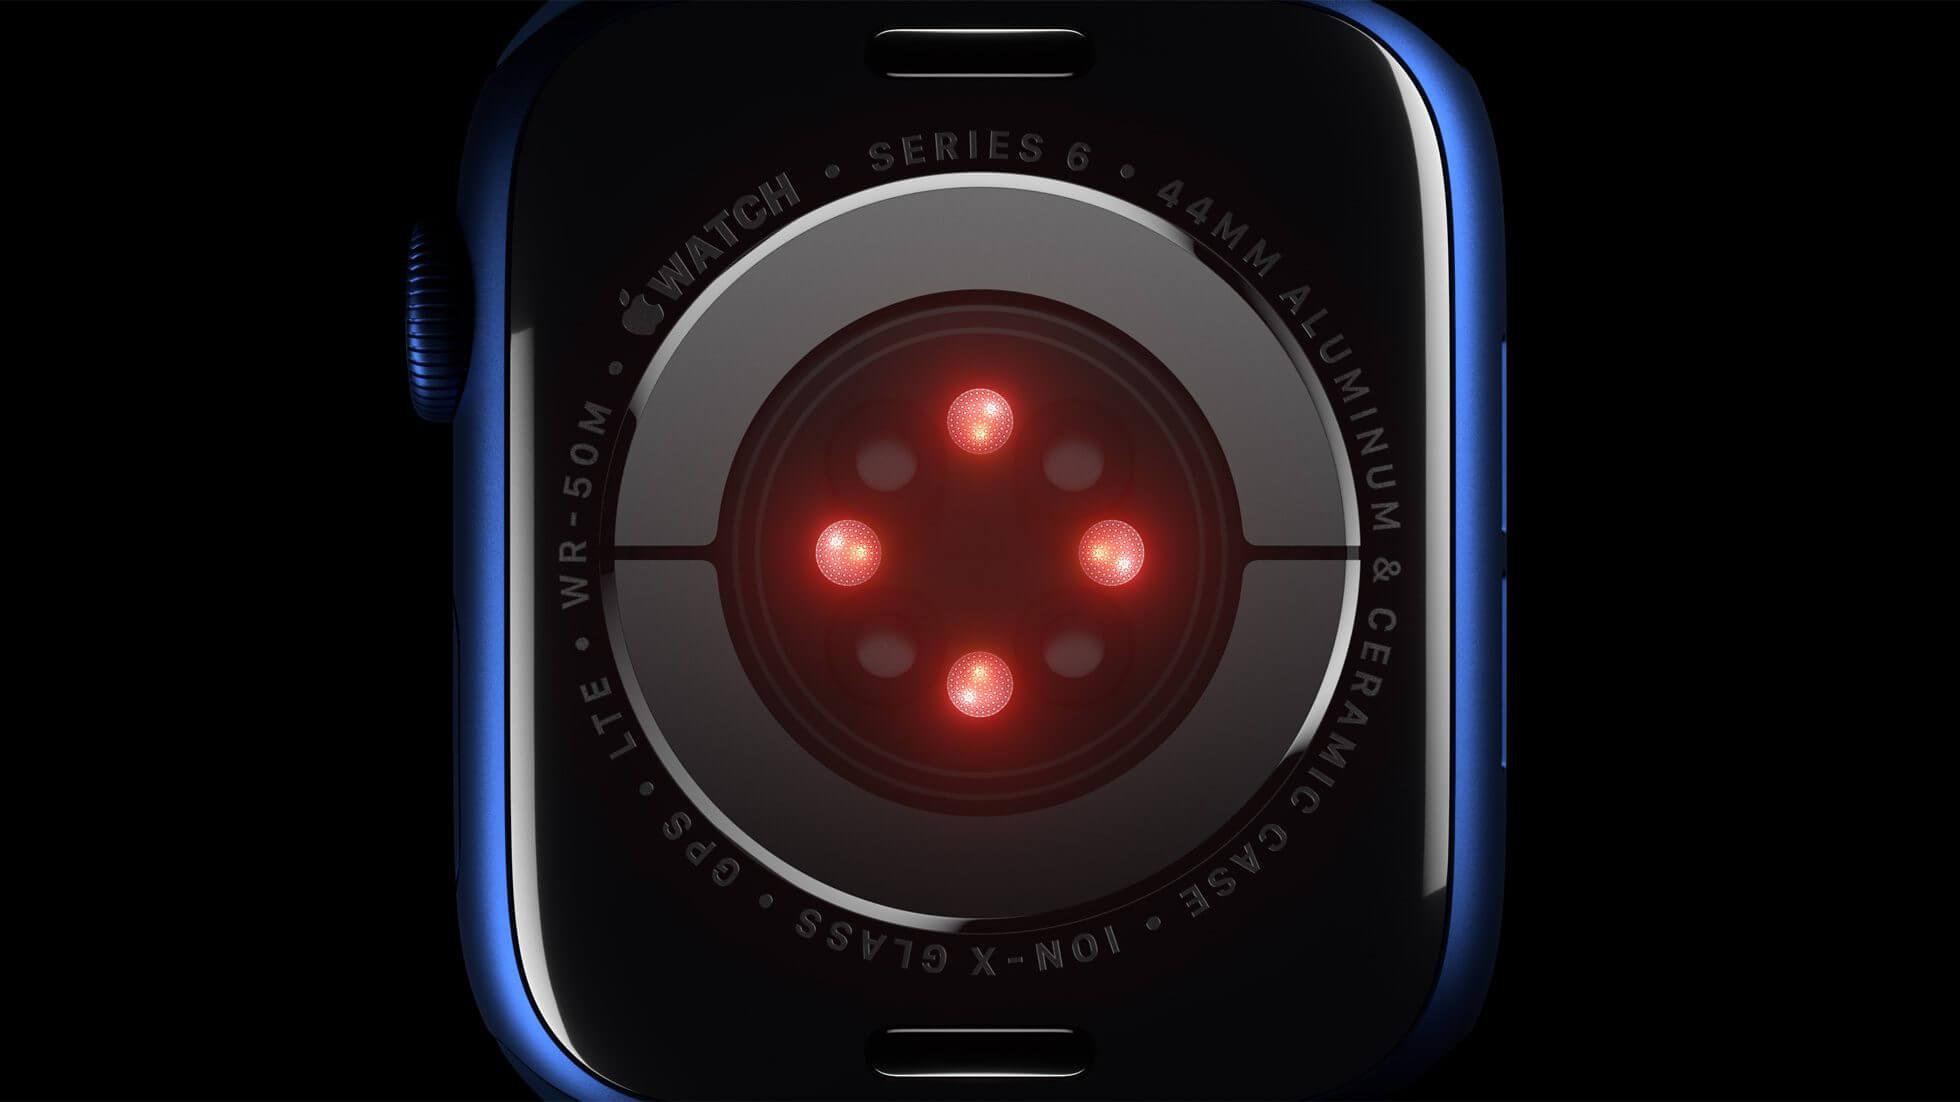 В новом отчете объясняется, почему датчик кислорода в крови Apple Watch Series 6 не требует одобрения FDA